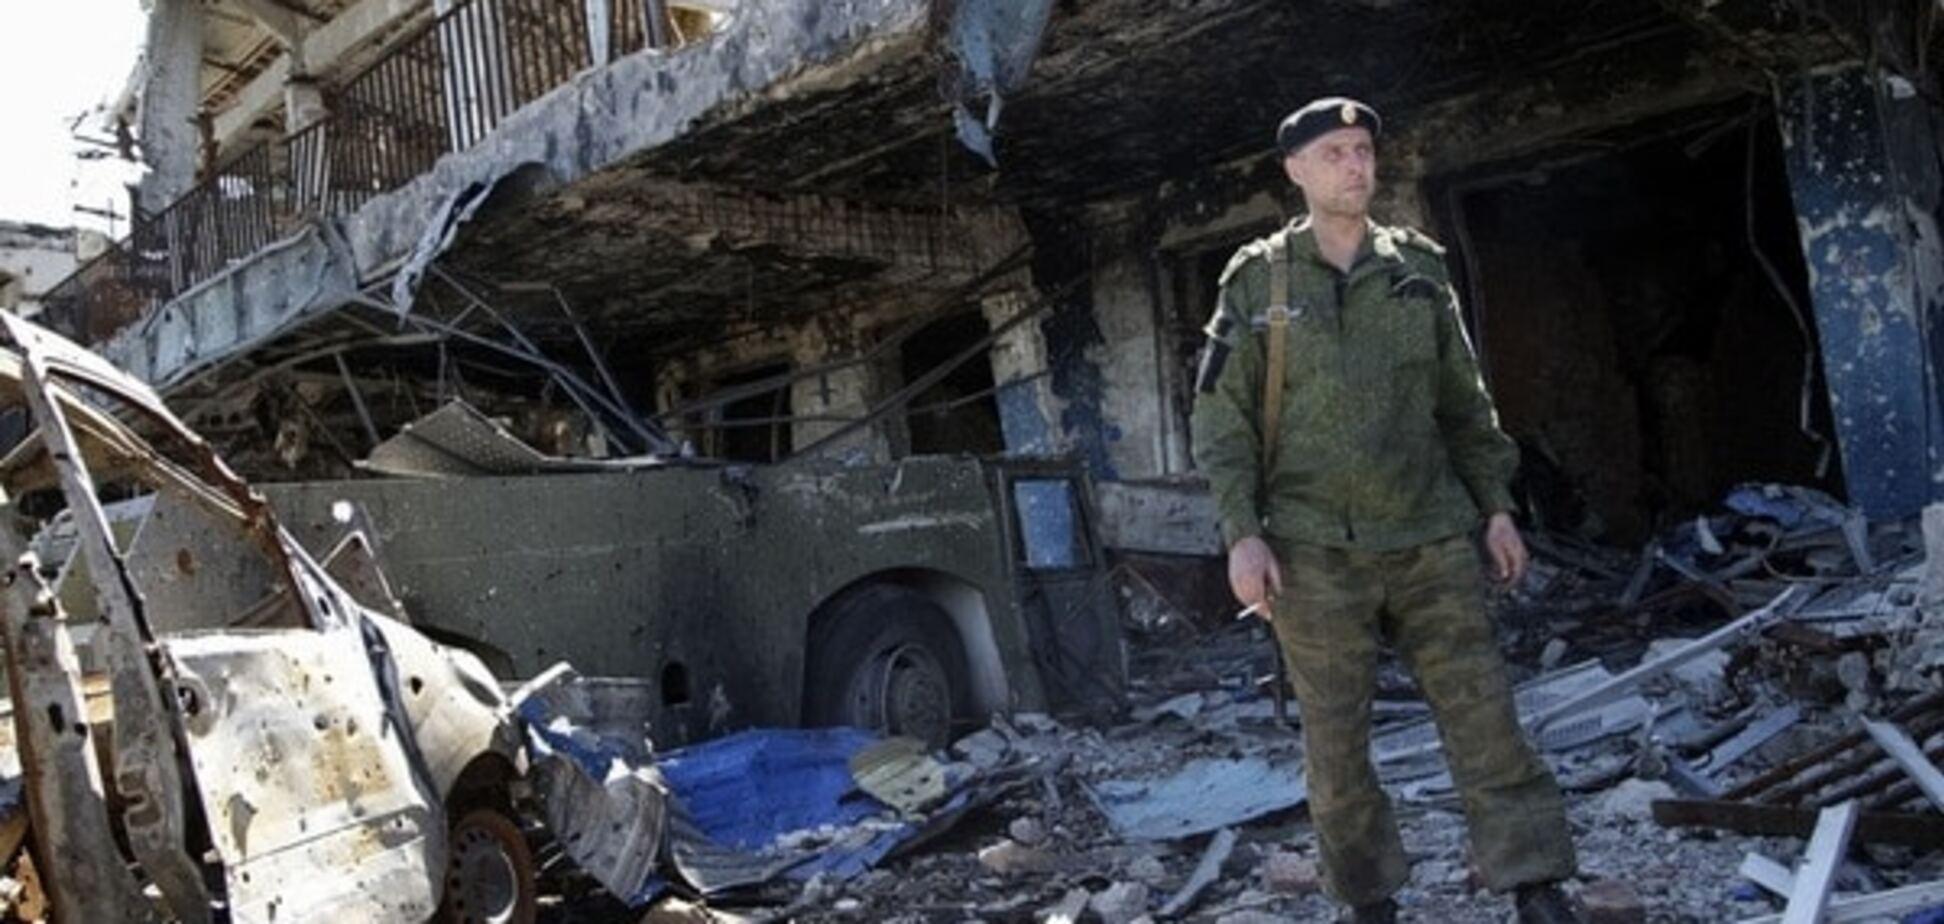 Порушують правила ведення війни: розвідка повідомила про втрати військ РФ на Донбасі